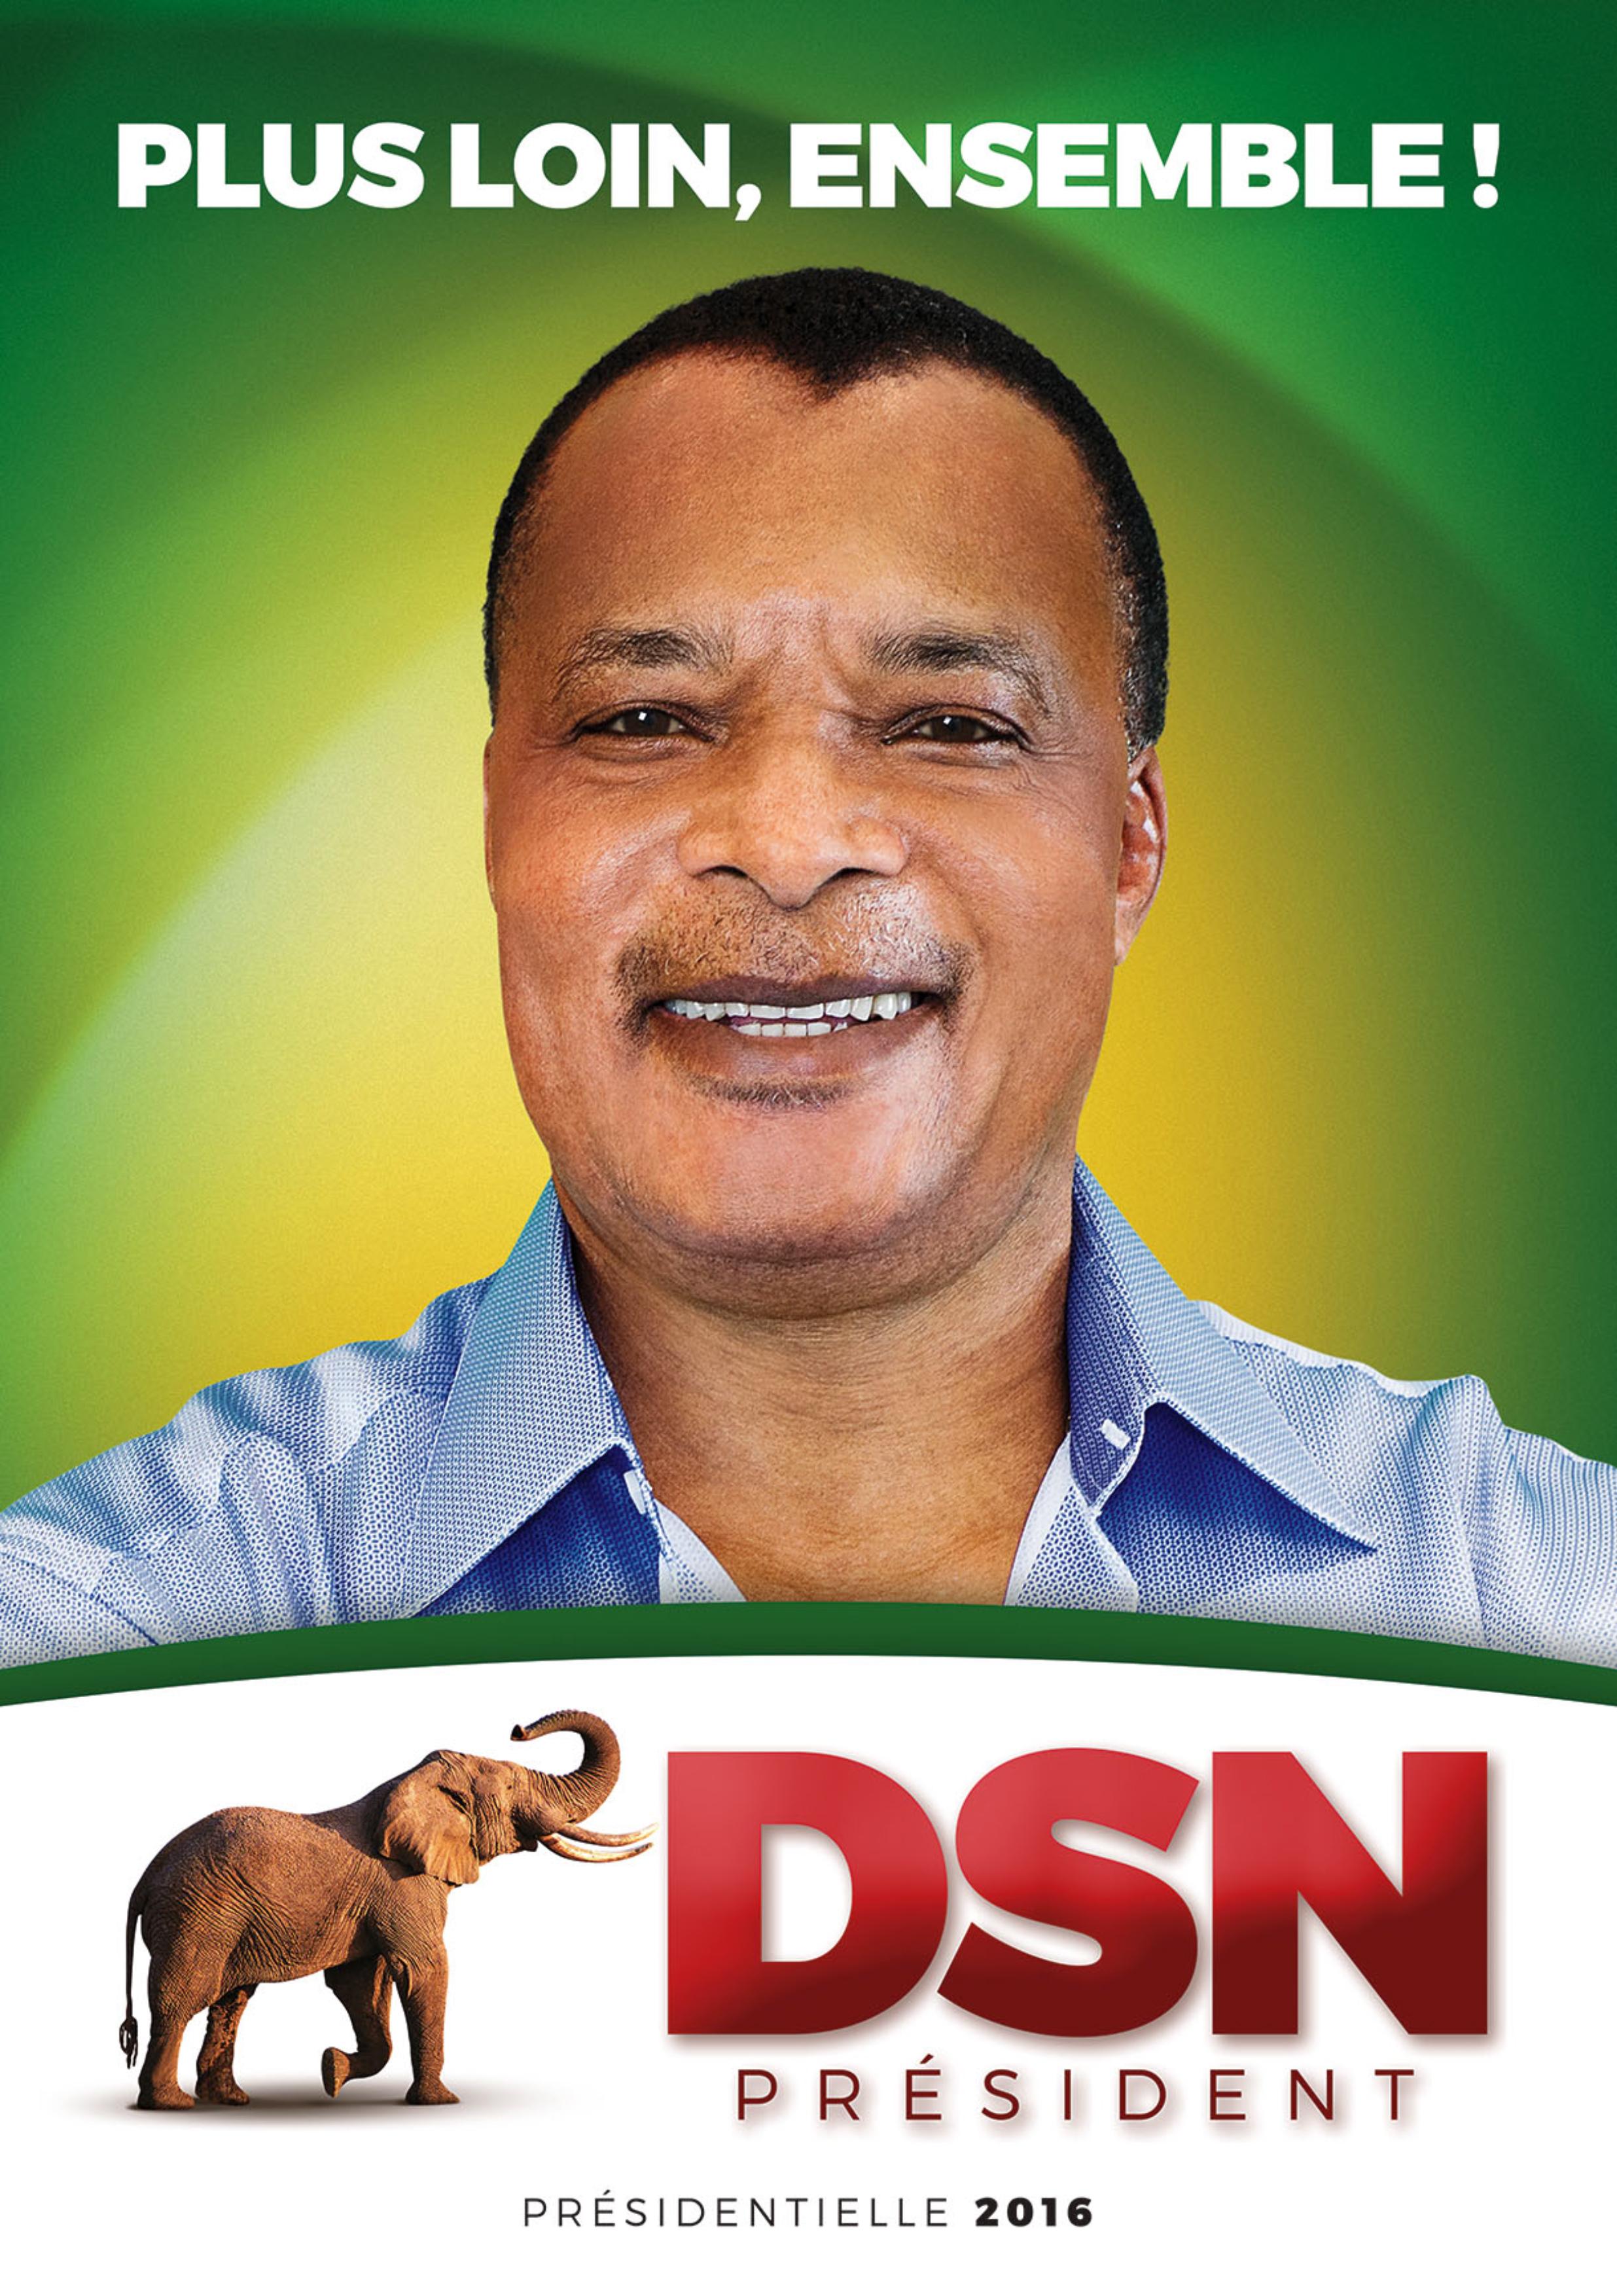 CARTAZ DSN - BX.jpg 2